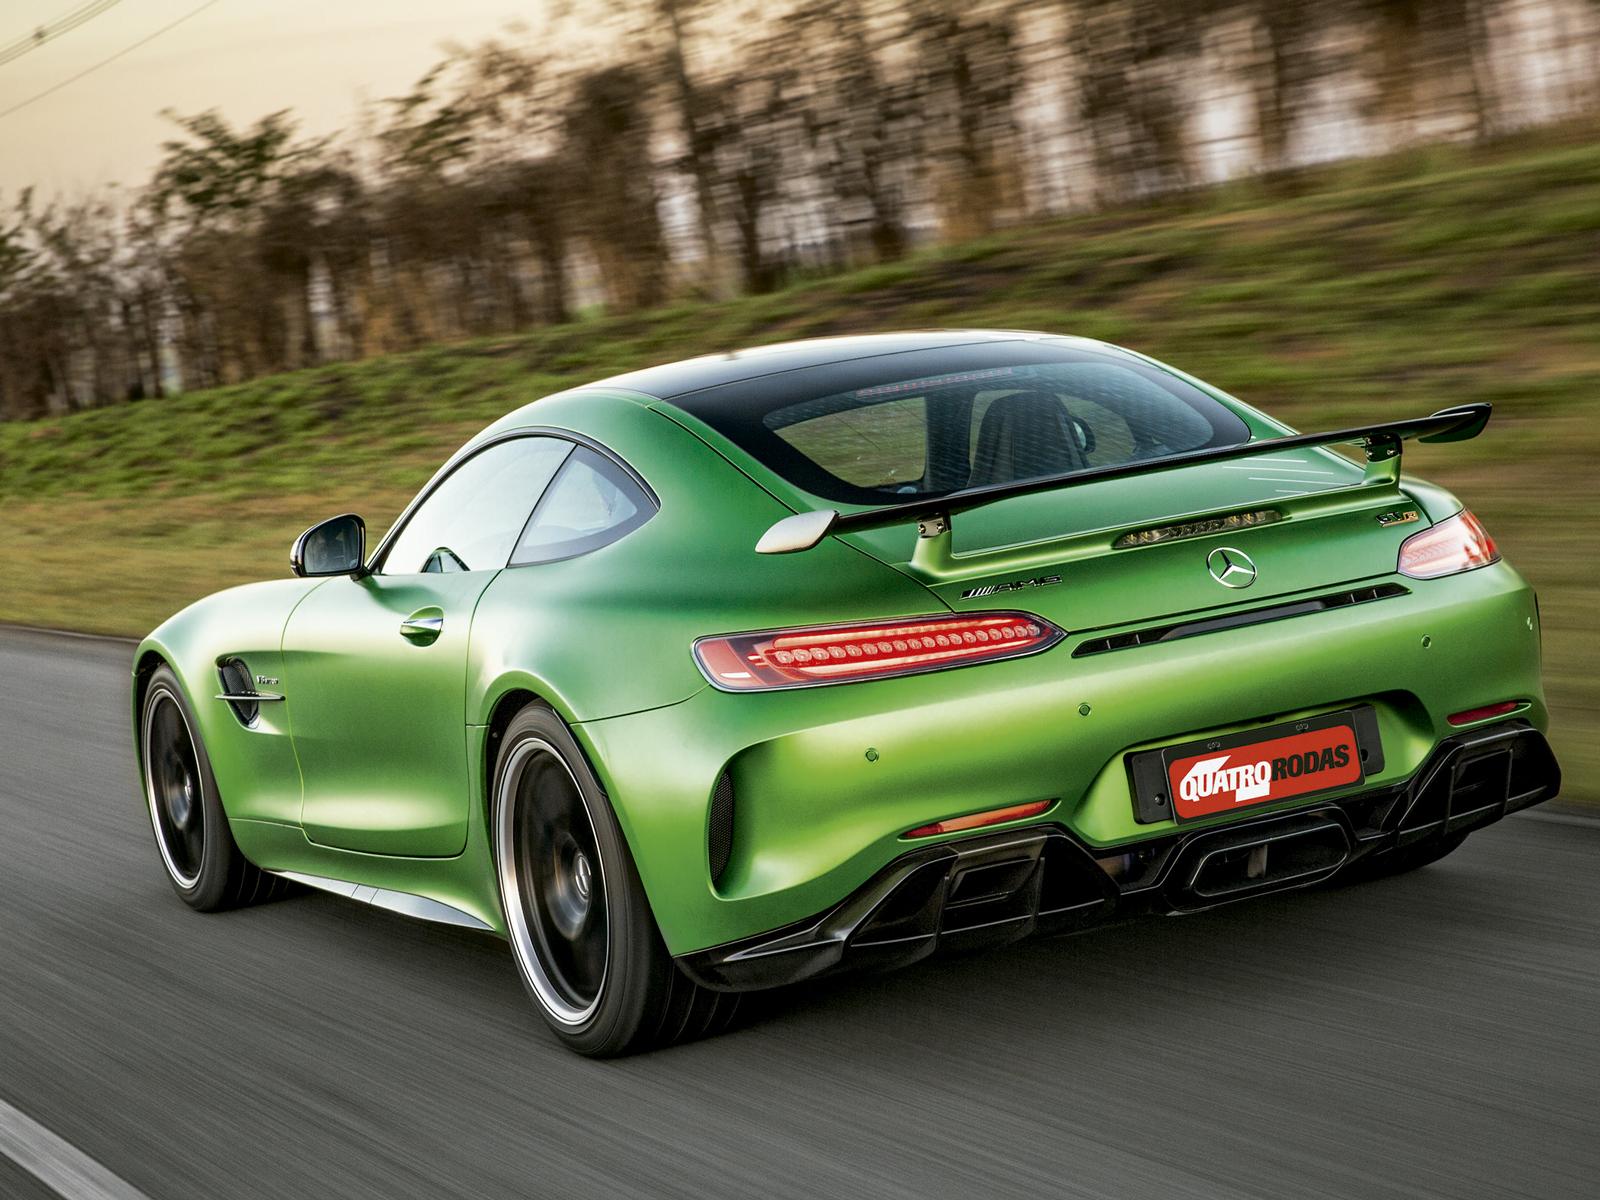 O Mercedes ousa ao colocar apêndices aerodinâmicos e aumentar a largura da carroceria na frente e atrás